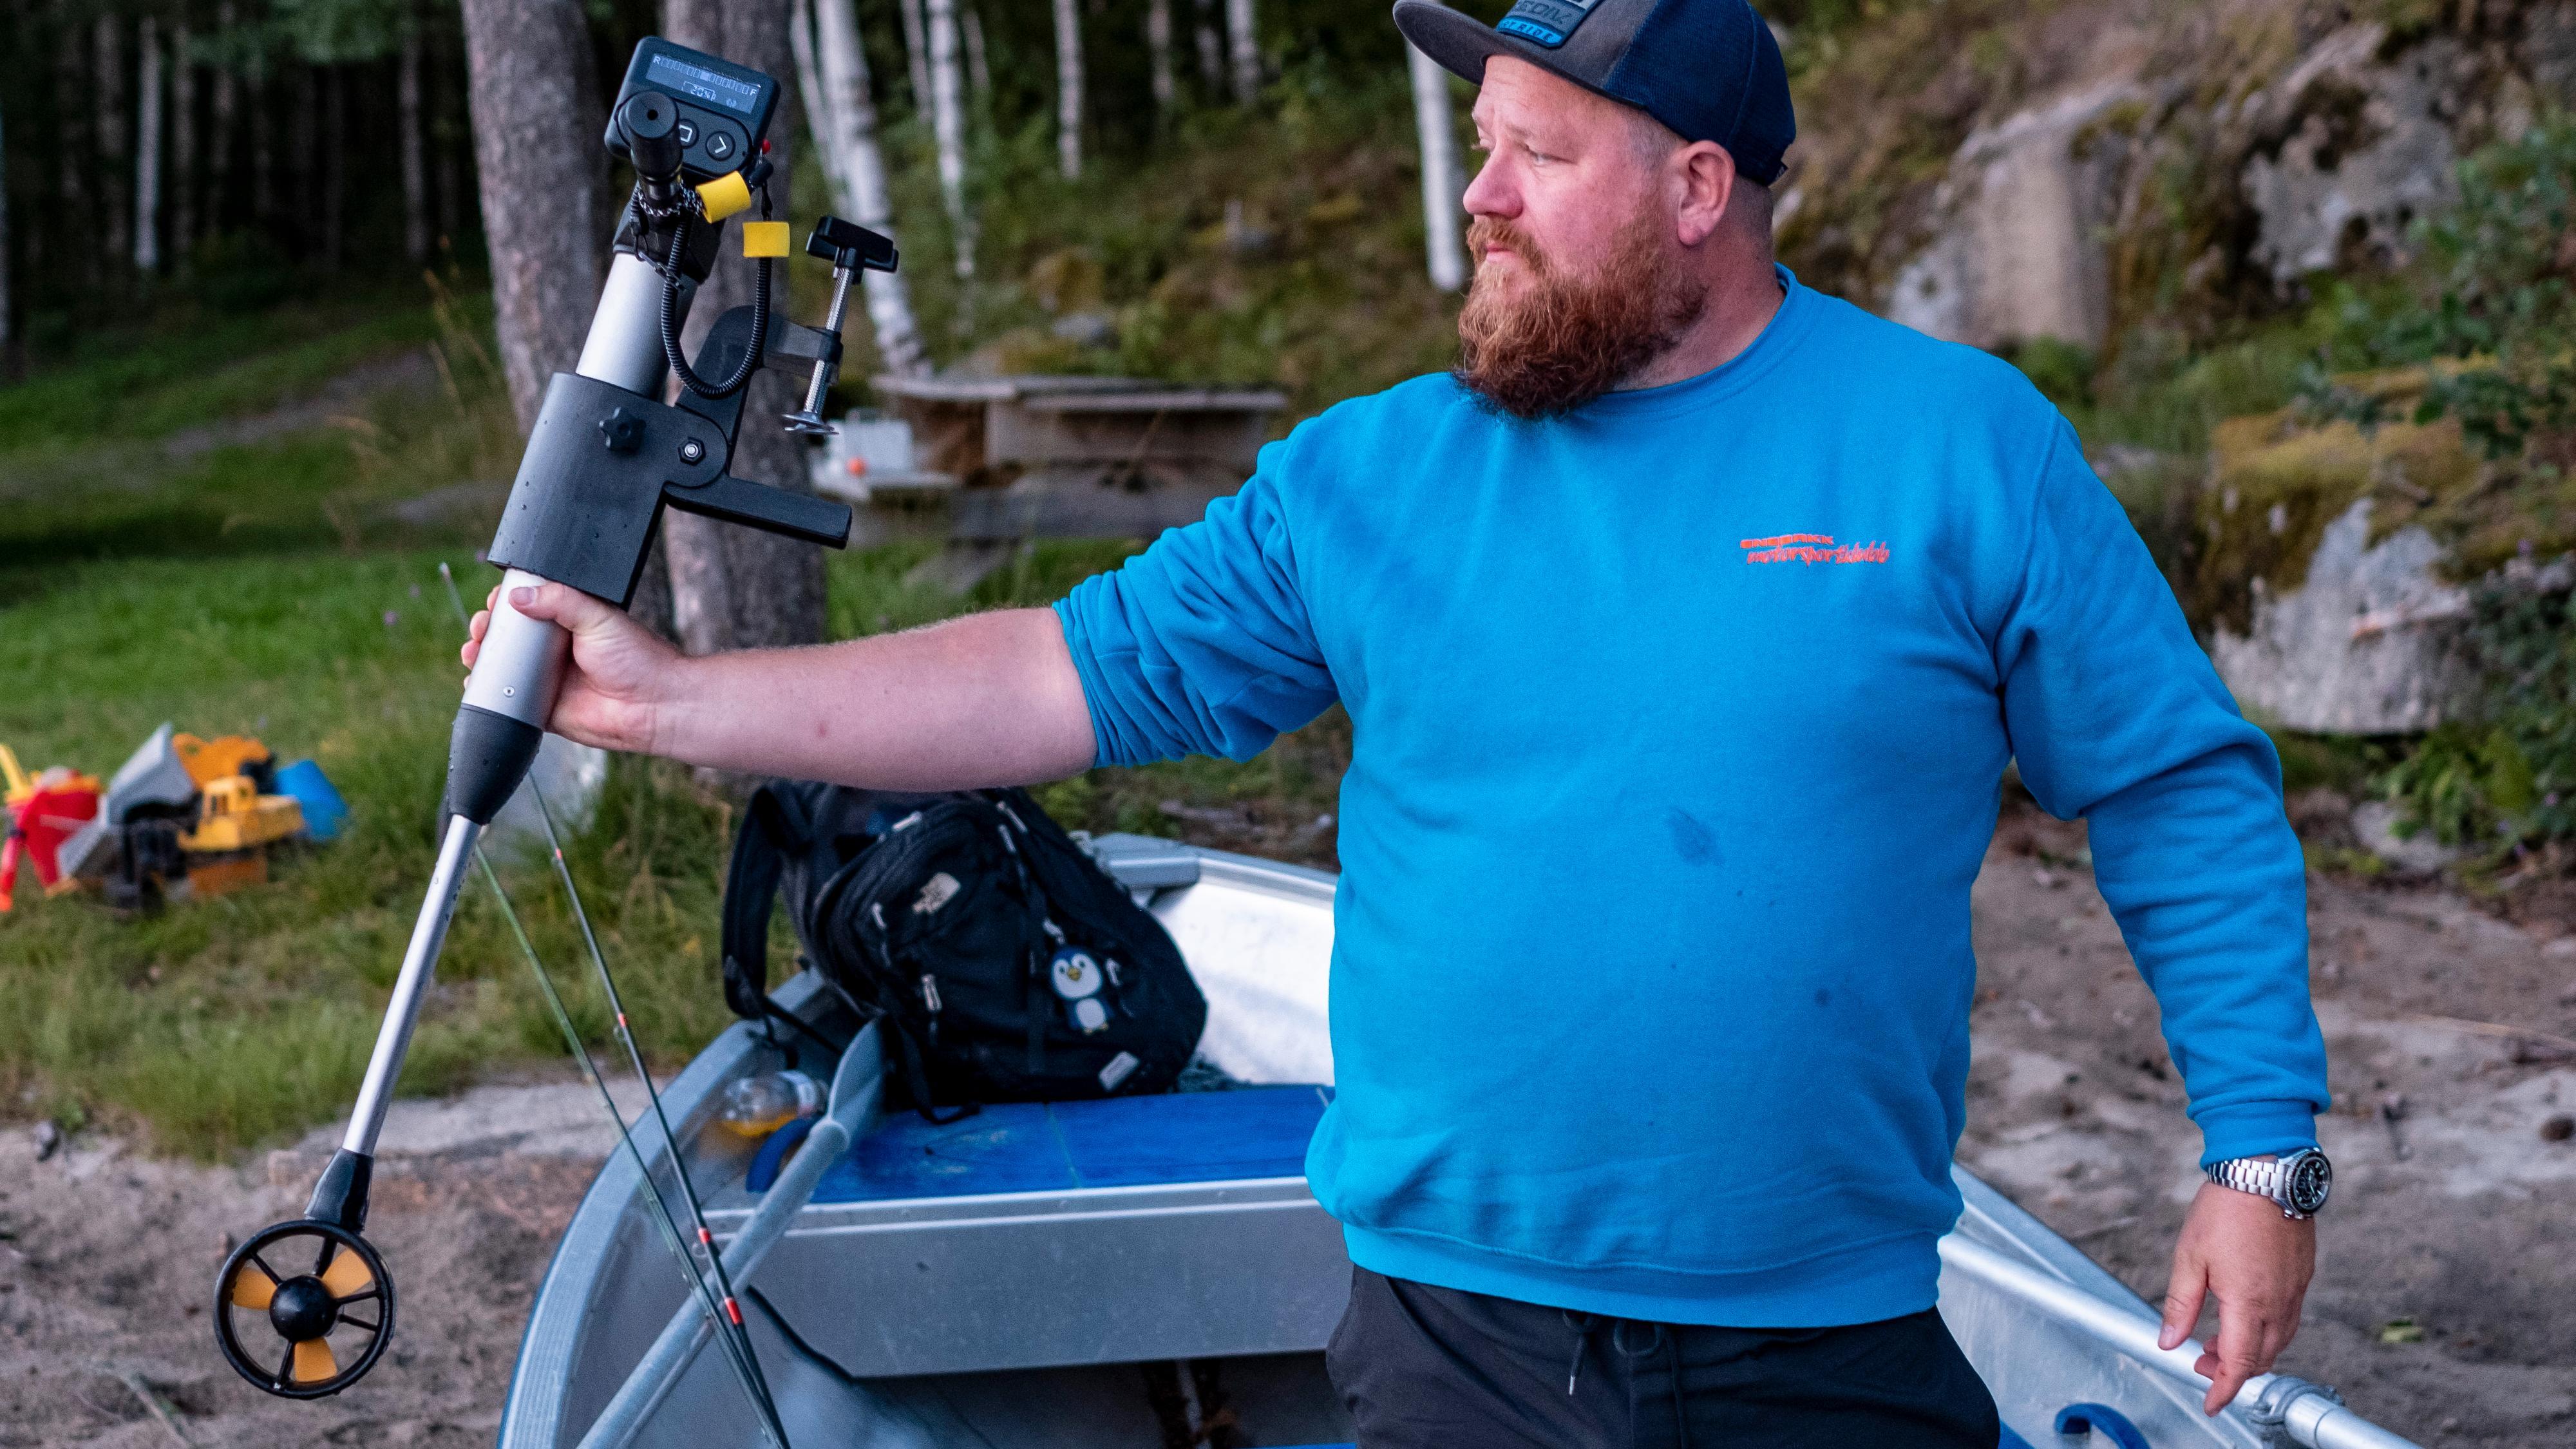 Med denne elbåtmotoren slipper du å drasse med deg et kjempebatteri